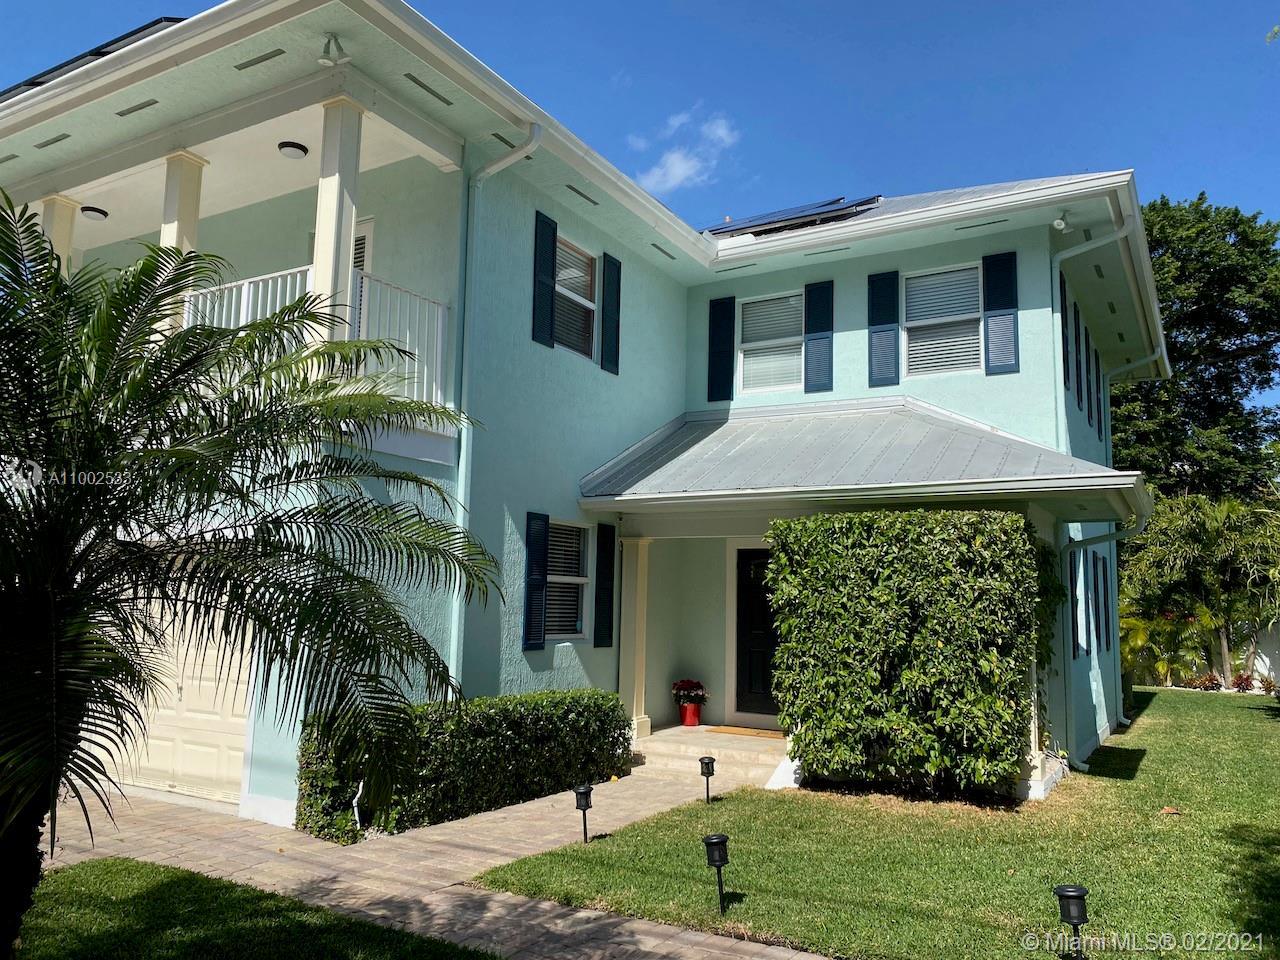 Frow Homestead - 3651 Percival Ave, Miami, FL 33133